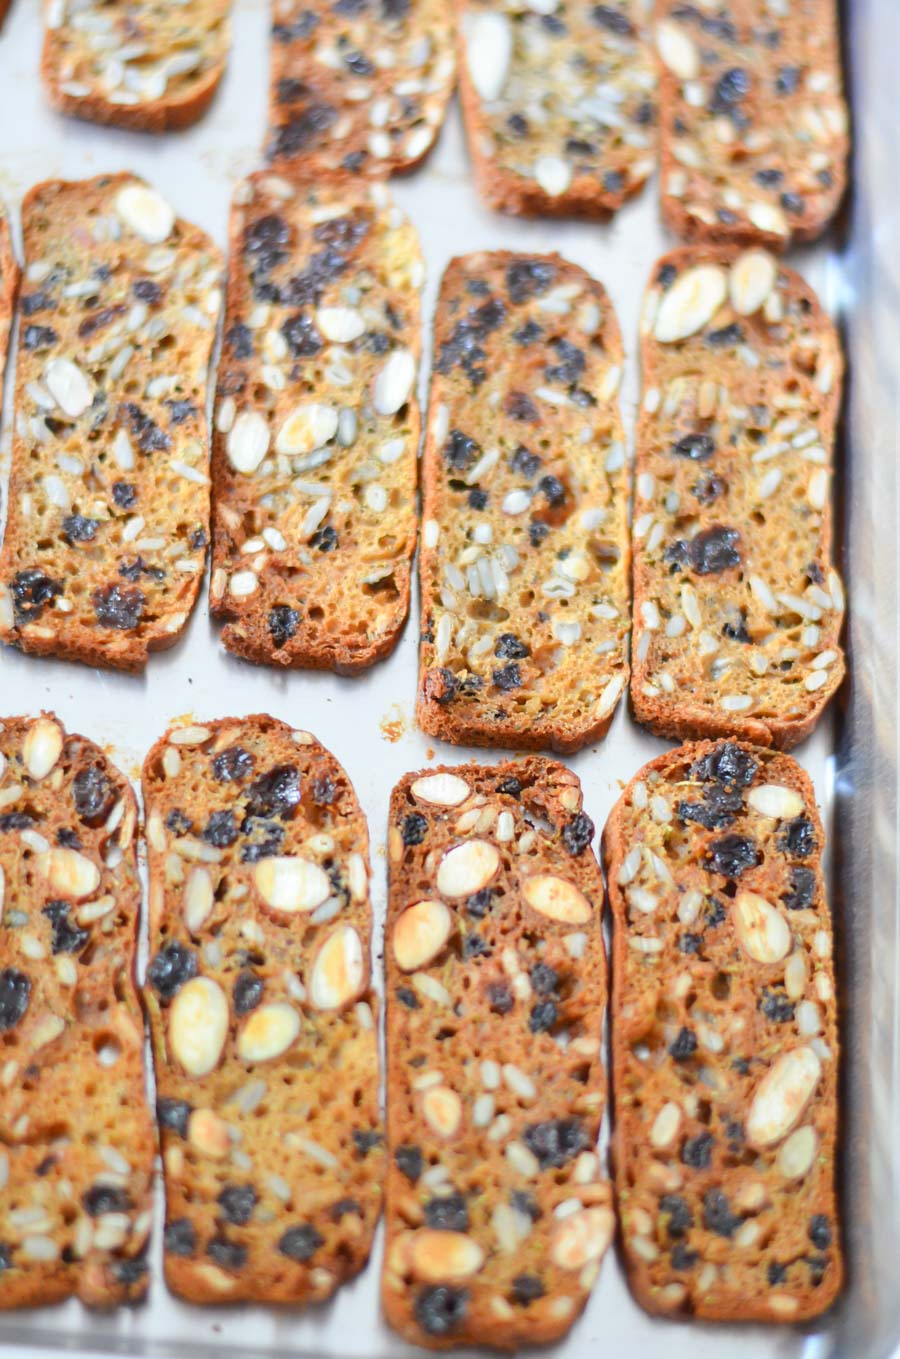 Trader Joe's Crackers with Raisins + Rosemary Copycat Recipe - Healthy Cracker Recipe